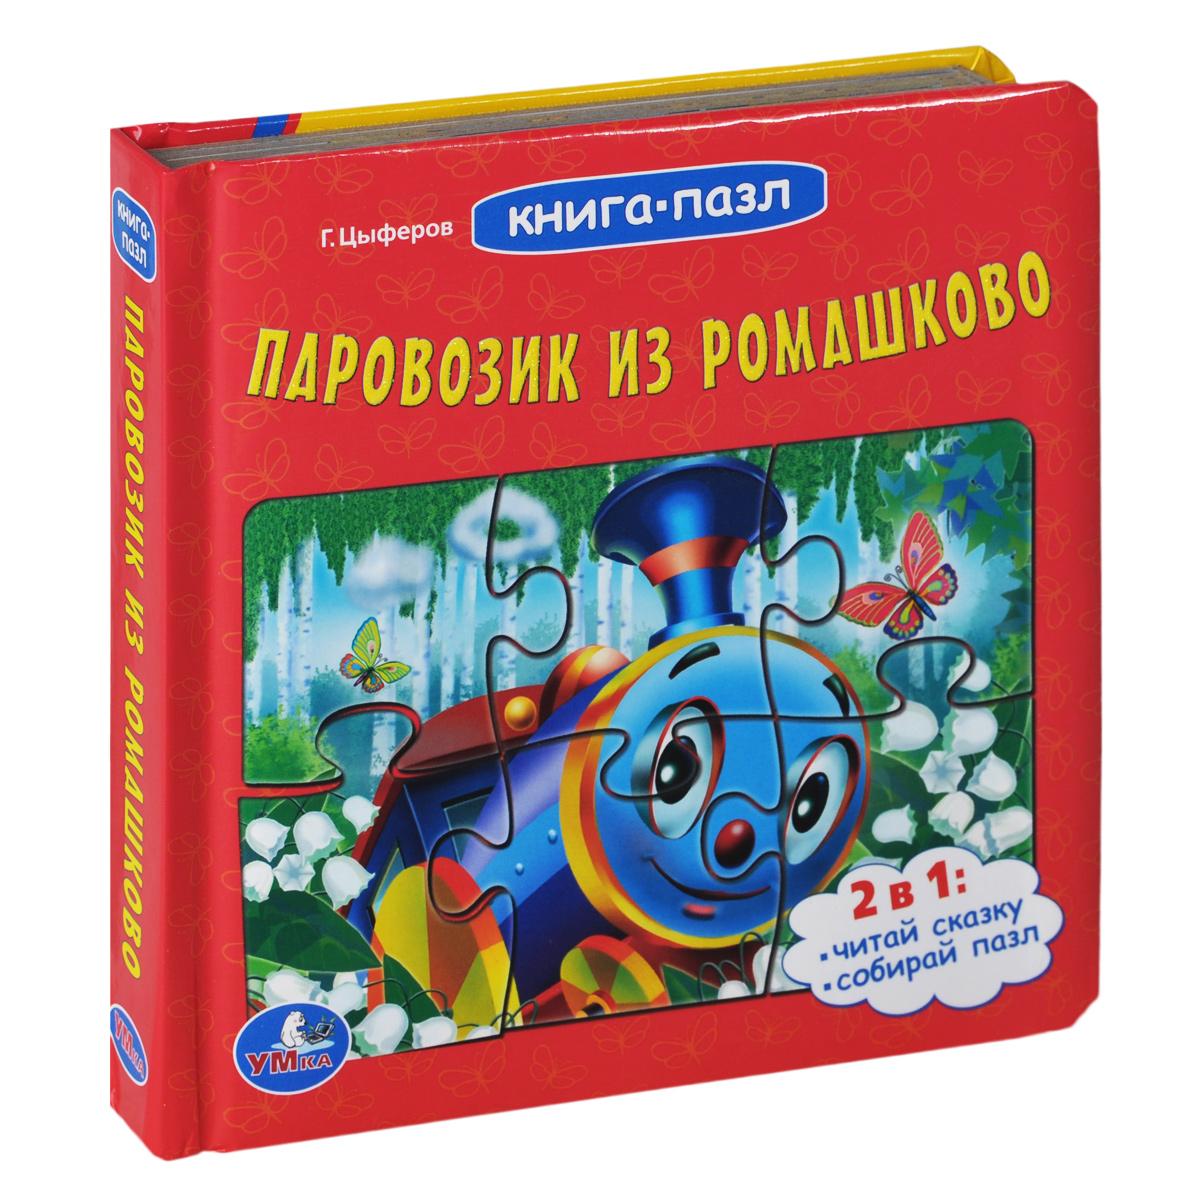 Паровозик из Ромашково. Книжка-игрушка